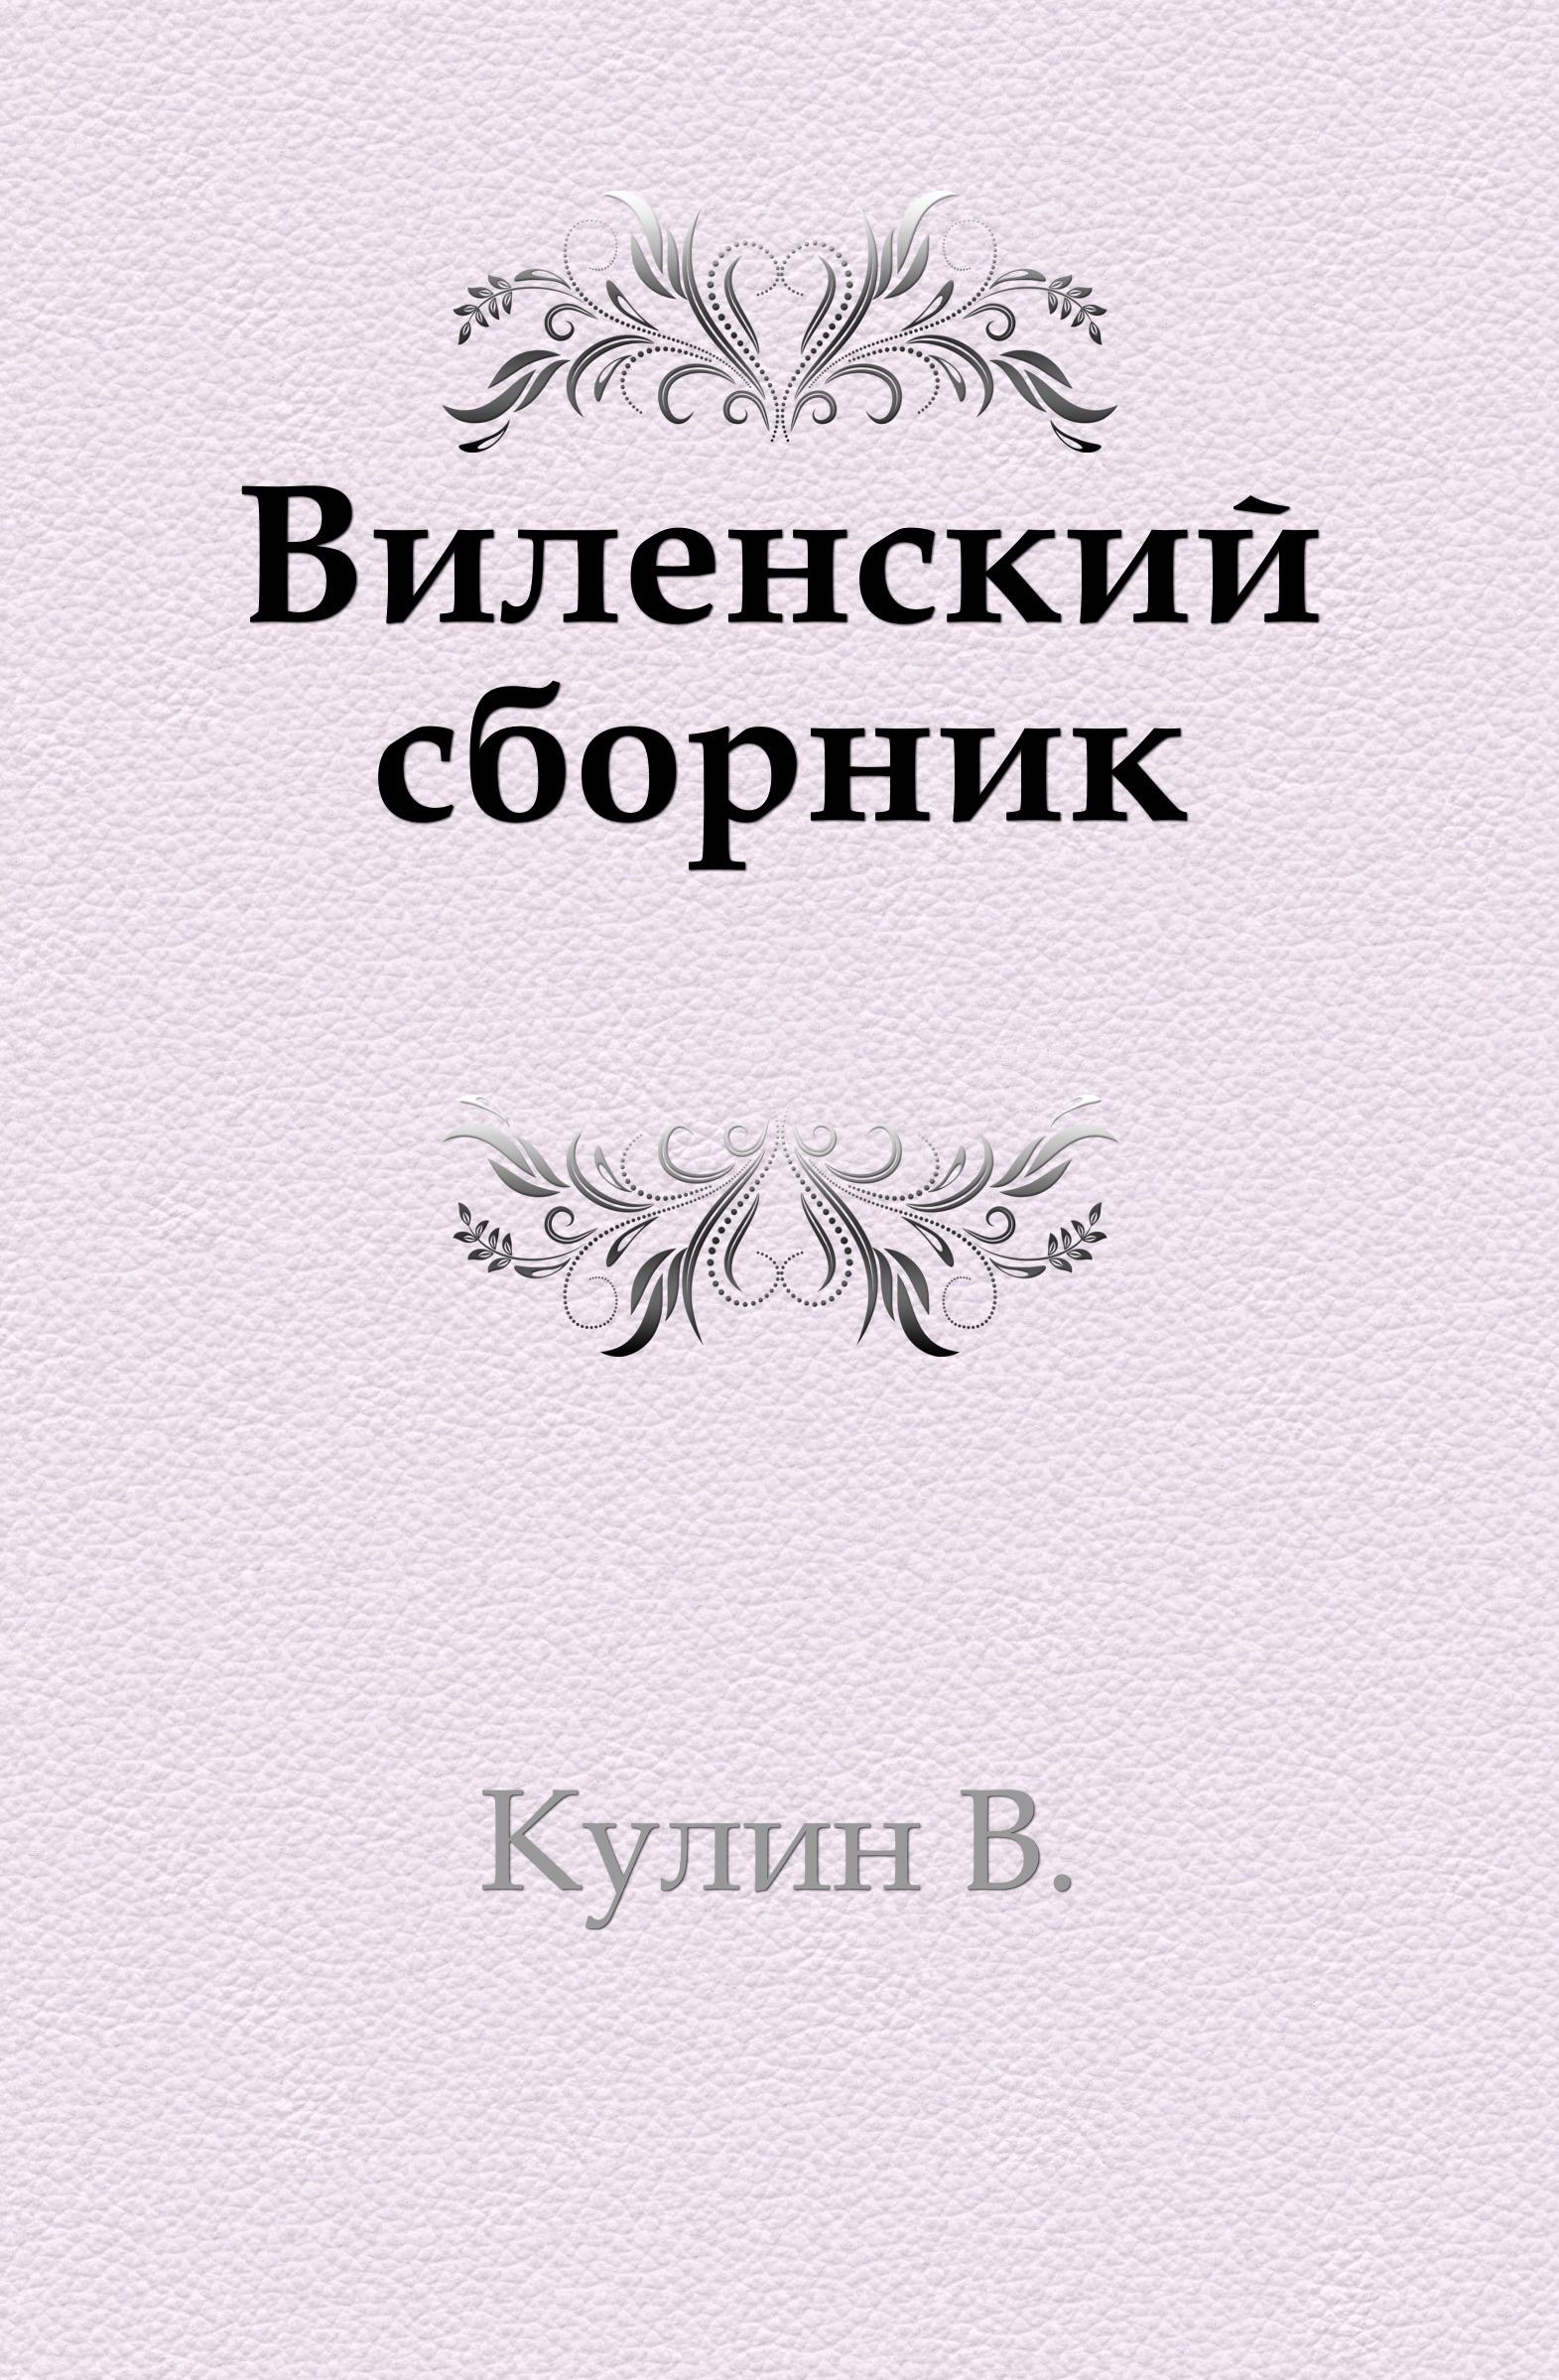 В. Кулин Виленский сборник. 1 э с виленский шестнадцать дней на полюсе